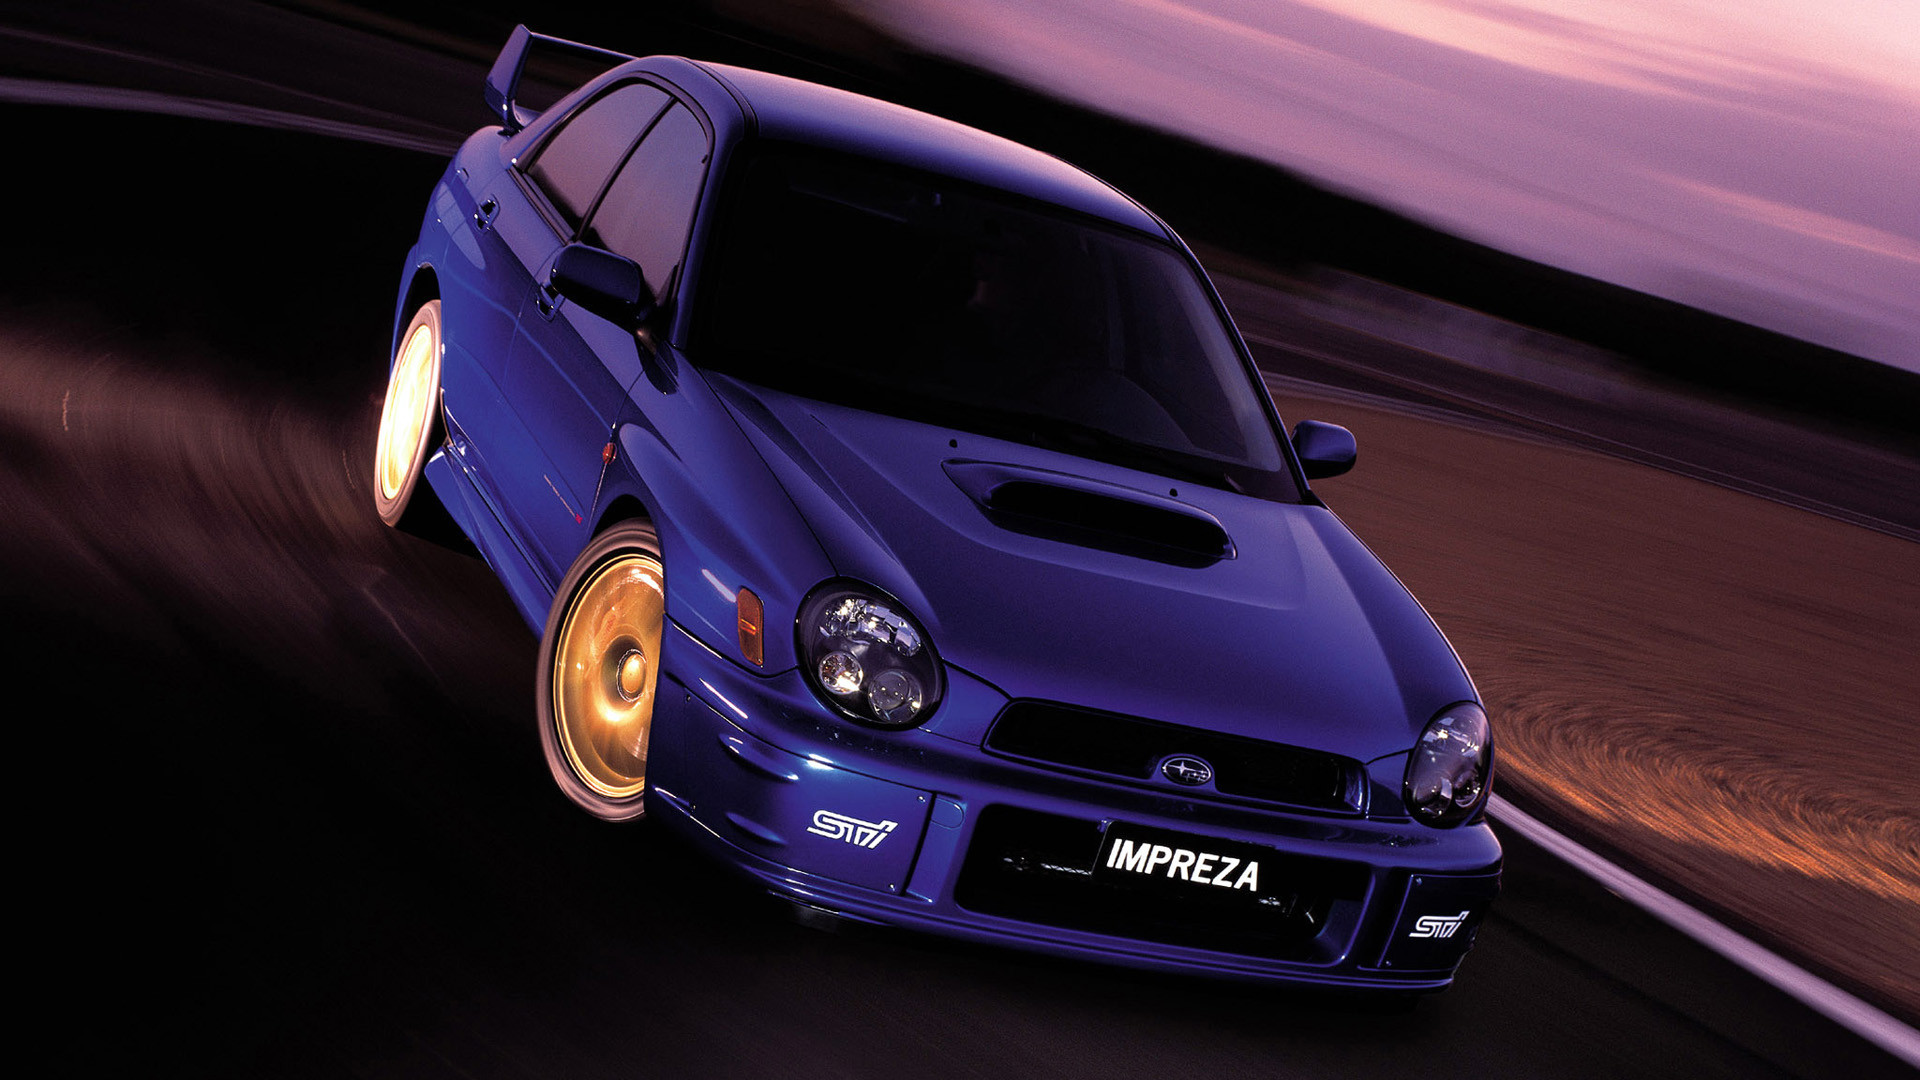 Res: 1920x1080, 2002 Subaru Impreza WRX STI picture